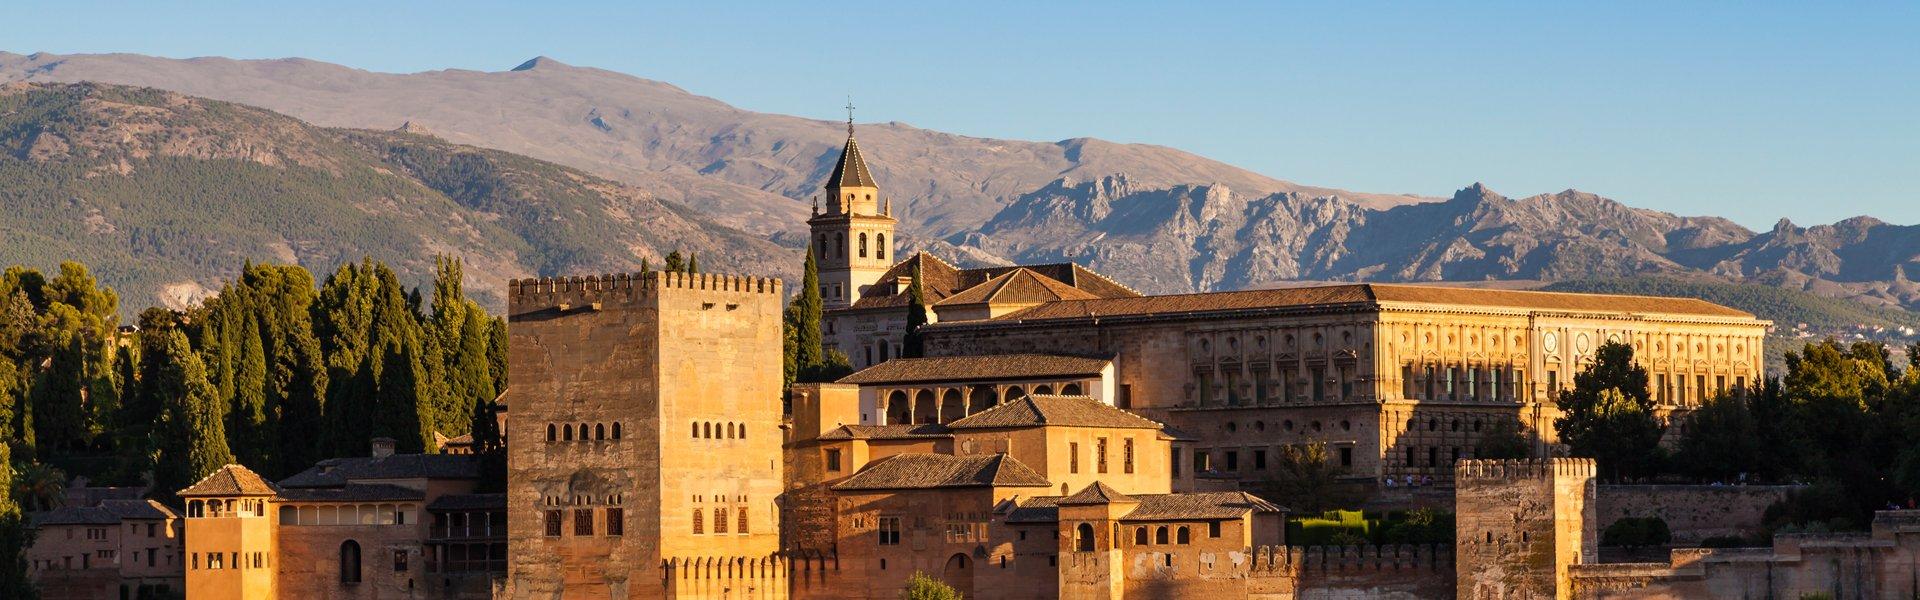 Alhambra in Grana, Andalusië, Spanje